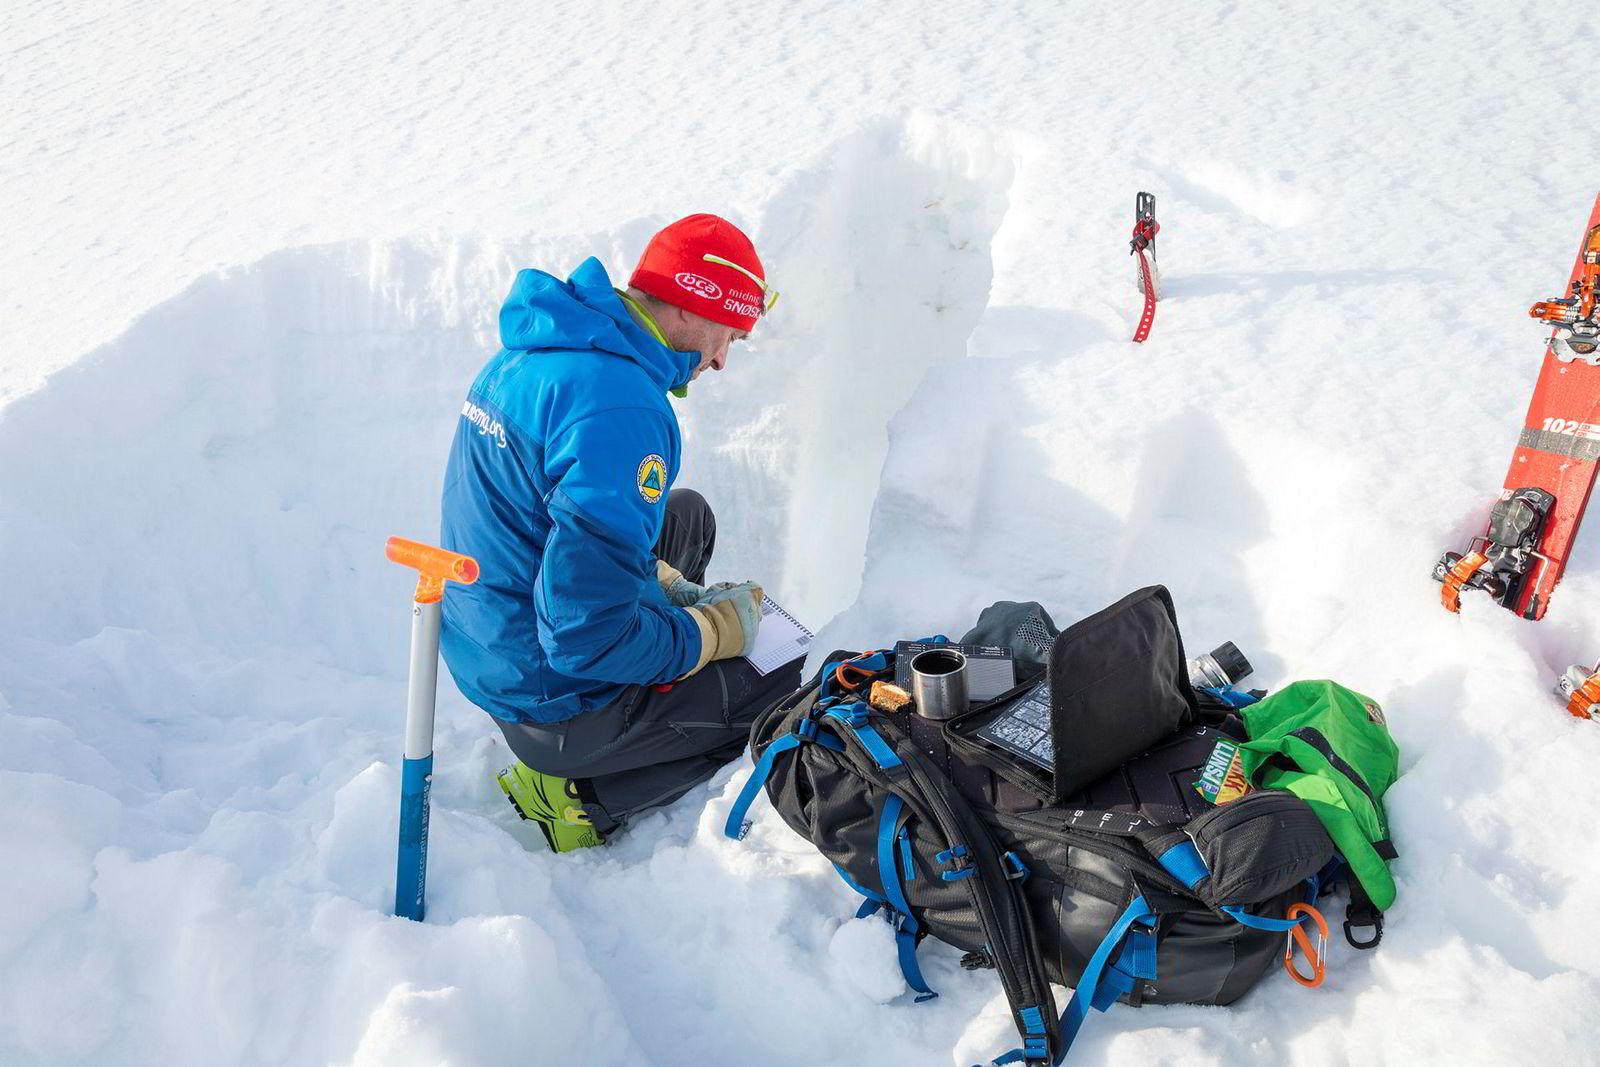 Å tolke snøprofiler og hvor mye belastning snølagene tåler er krevende selv for dem som er eksperter. Dette er arbeidspulten til Rognmo på observasjonstur.